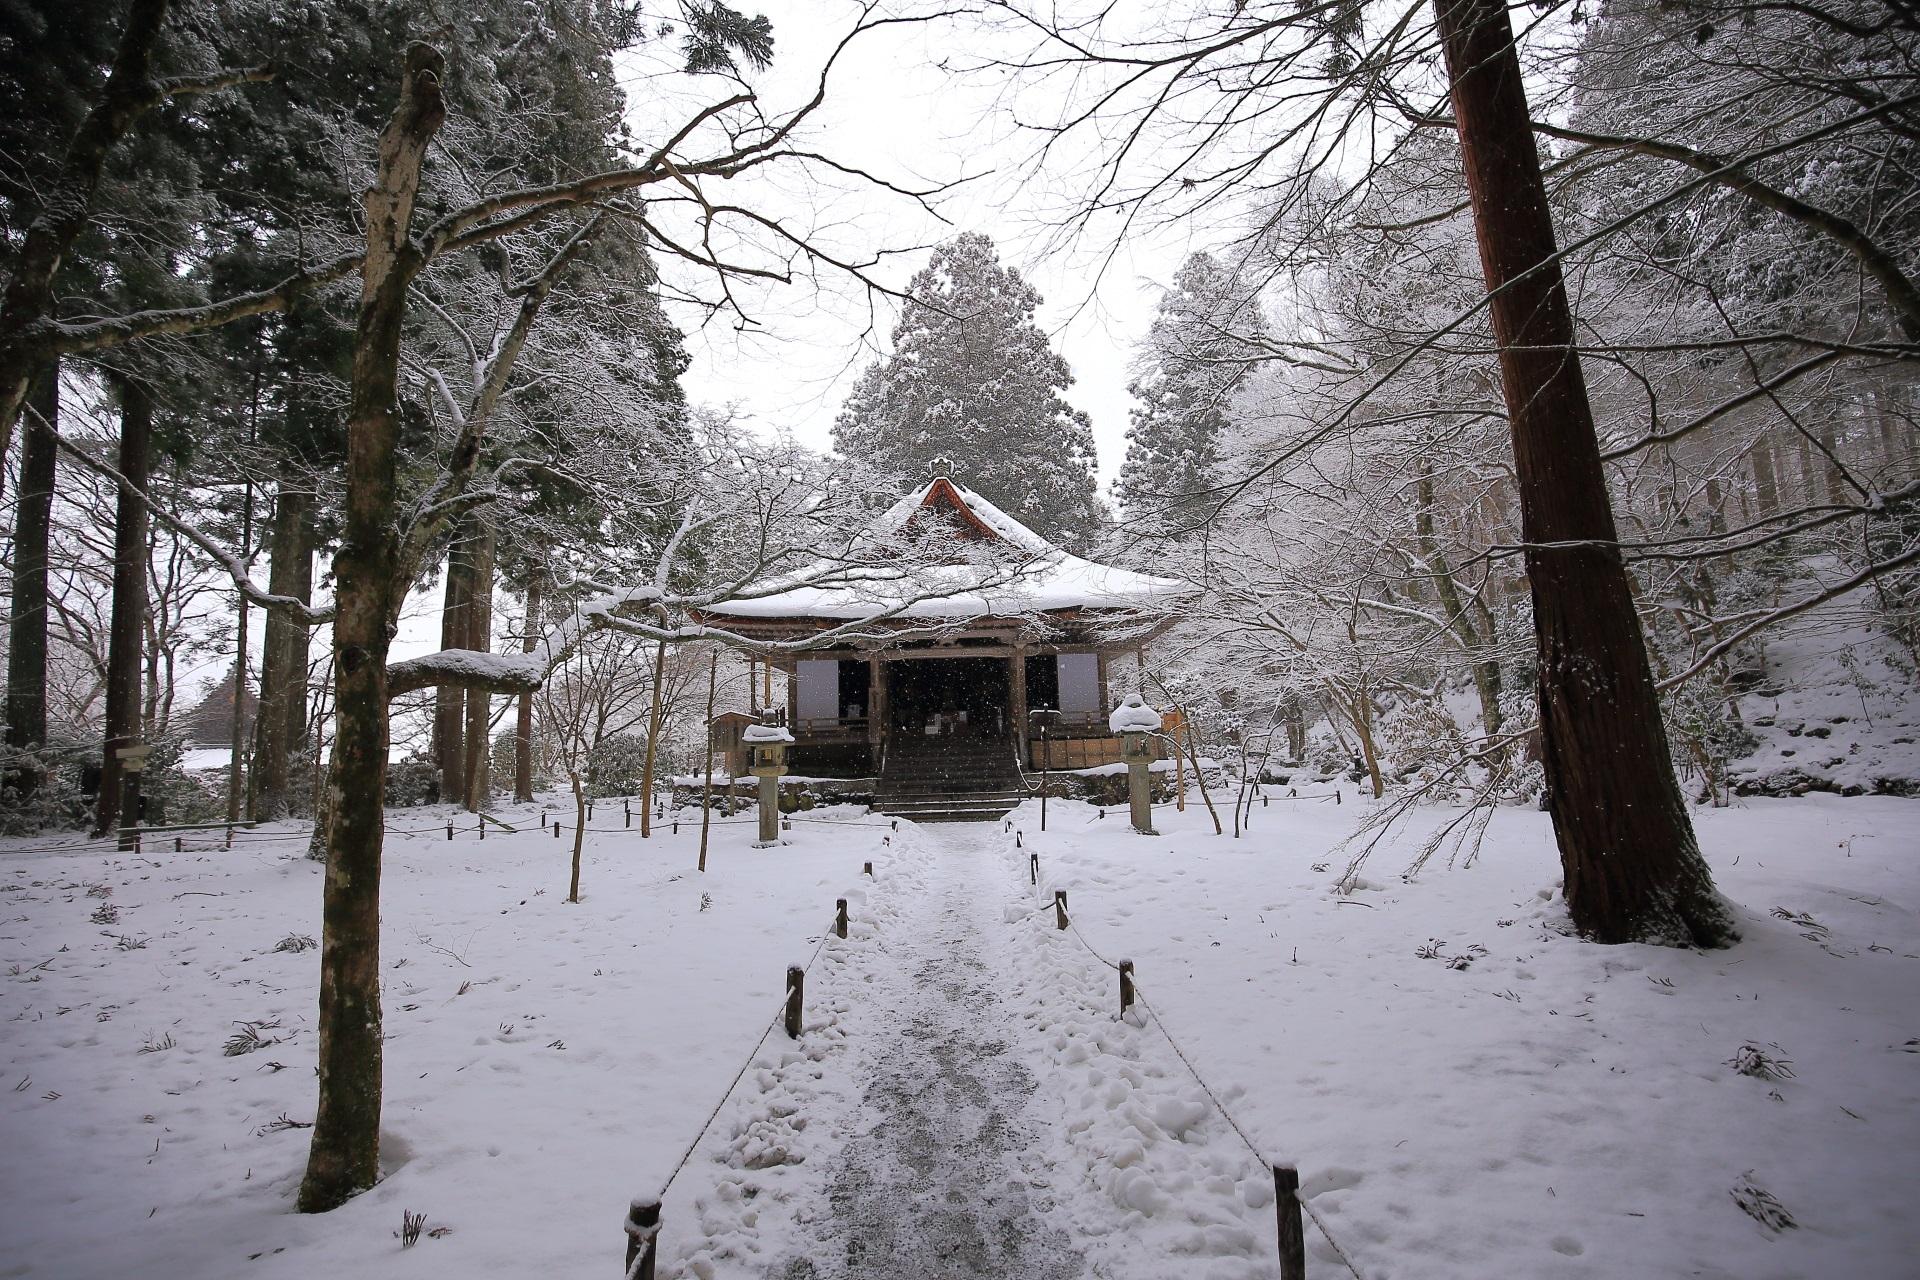 冬の大原三千院の絵になる雪景色